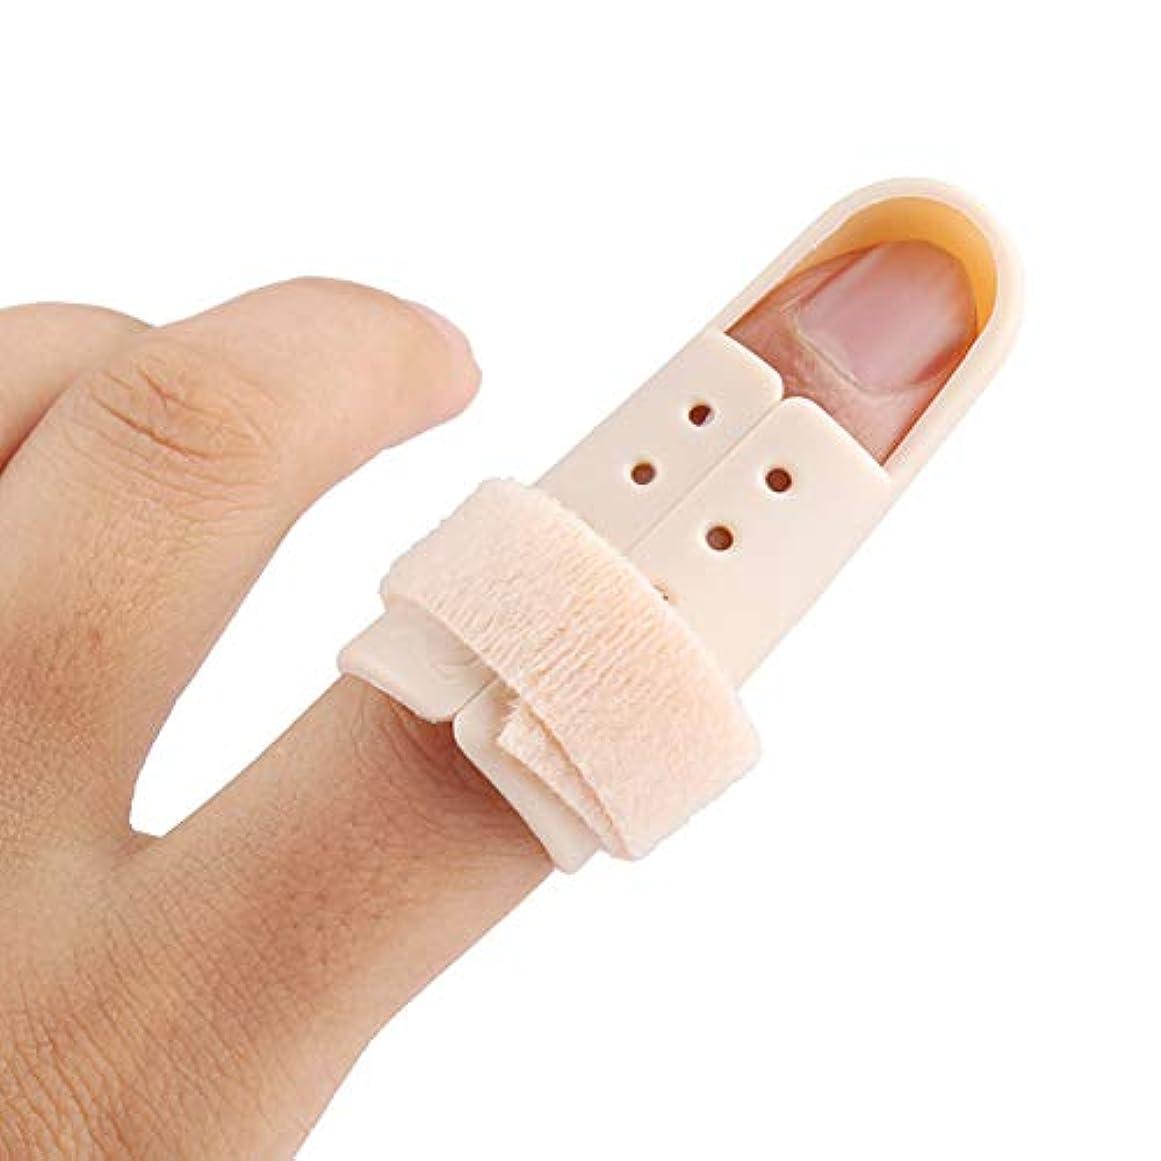 フィンガースプリントブレース、指関節痛用フィンガーイモビライザー、バスケットボール用プロテクター、5個,S